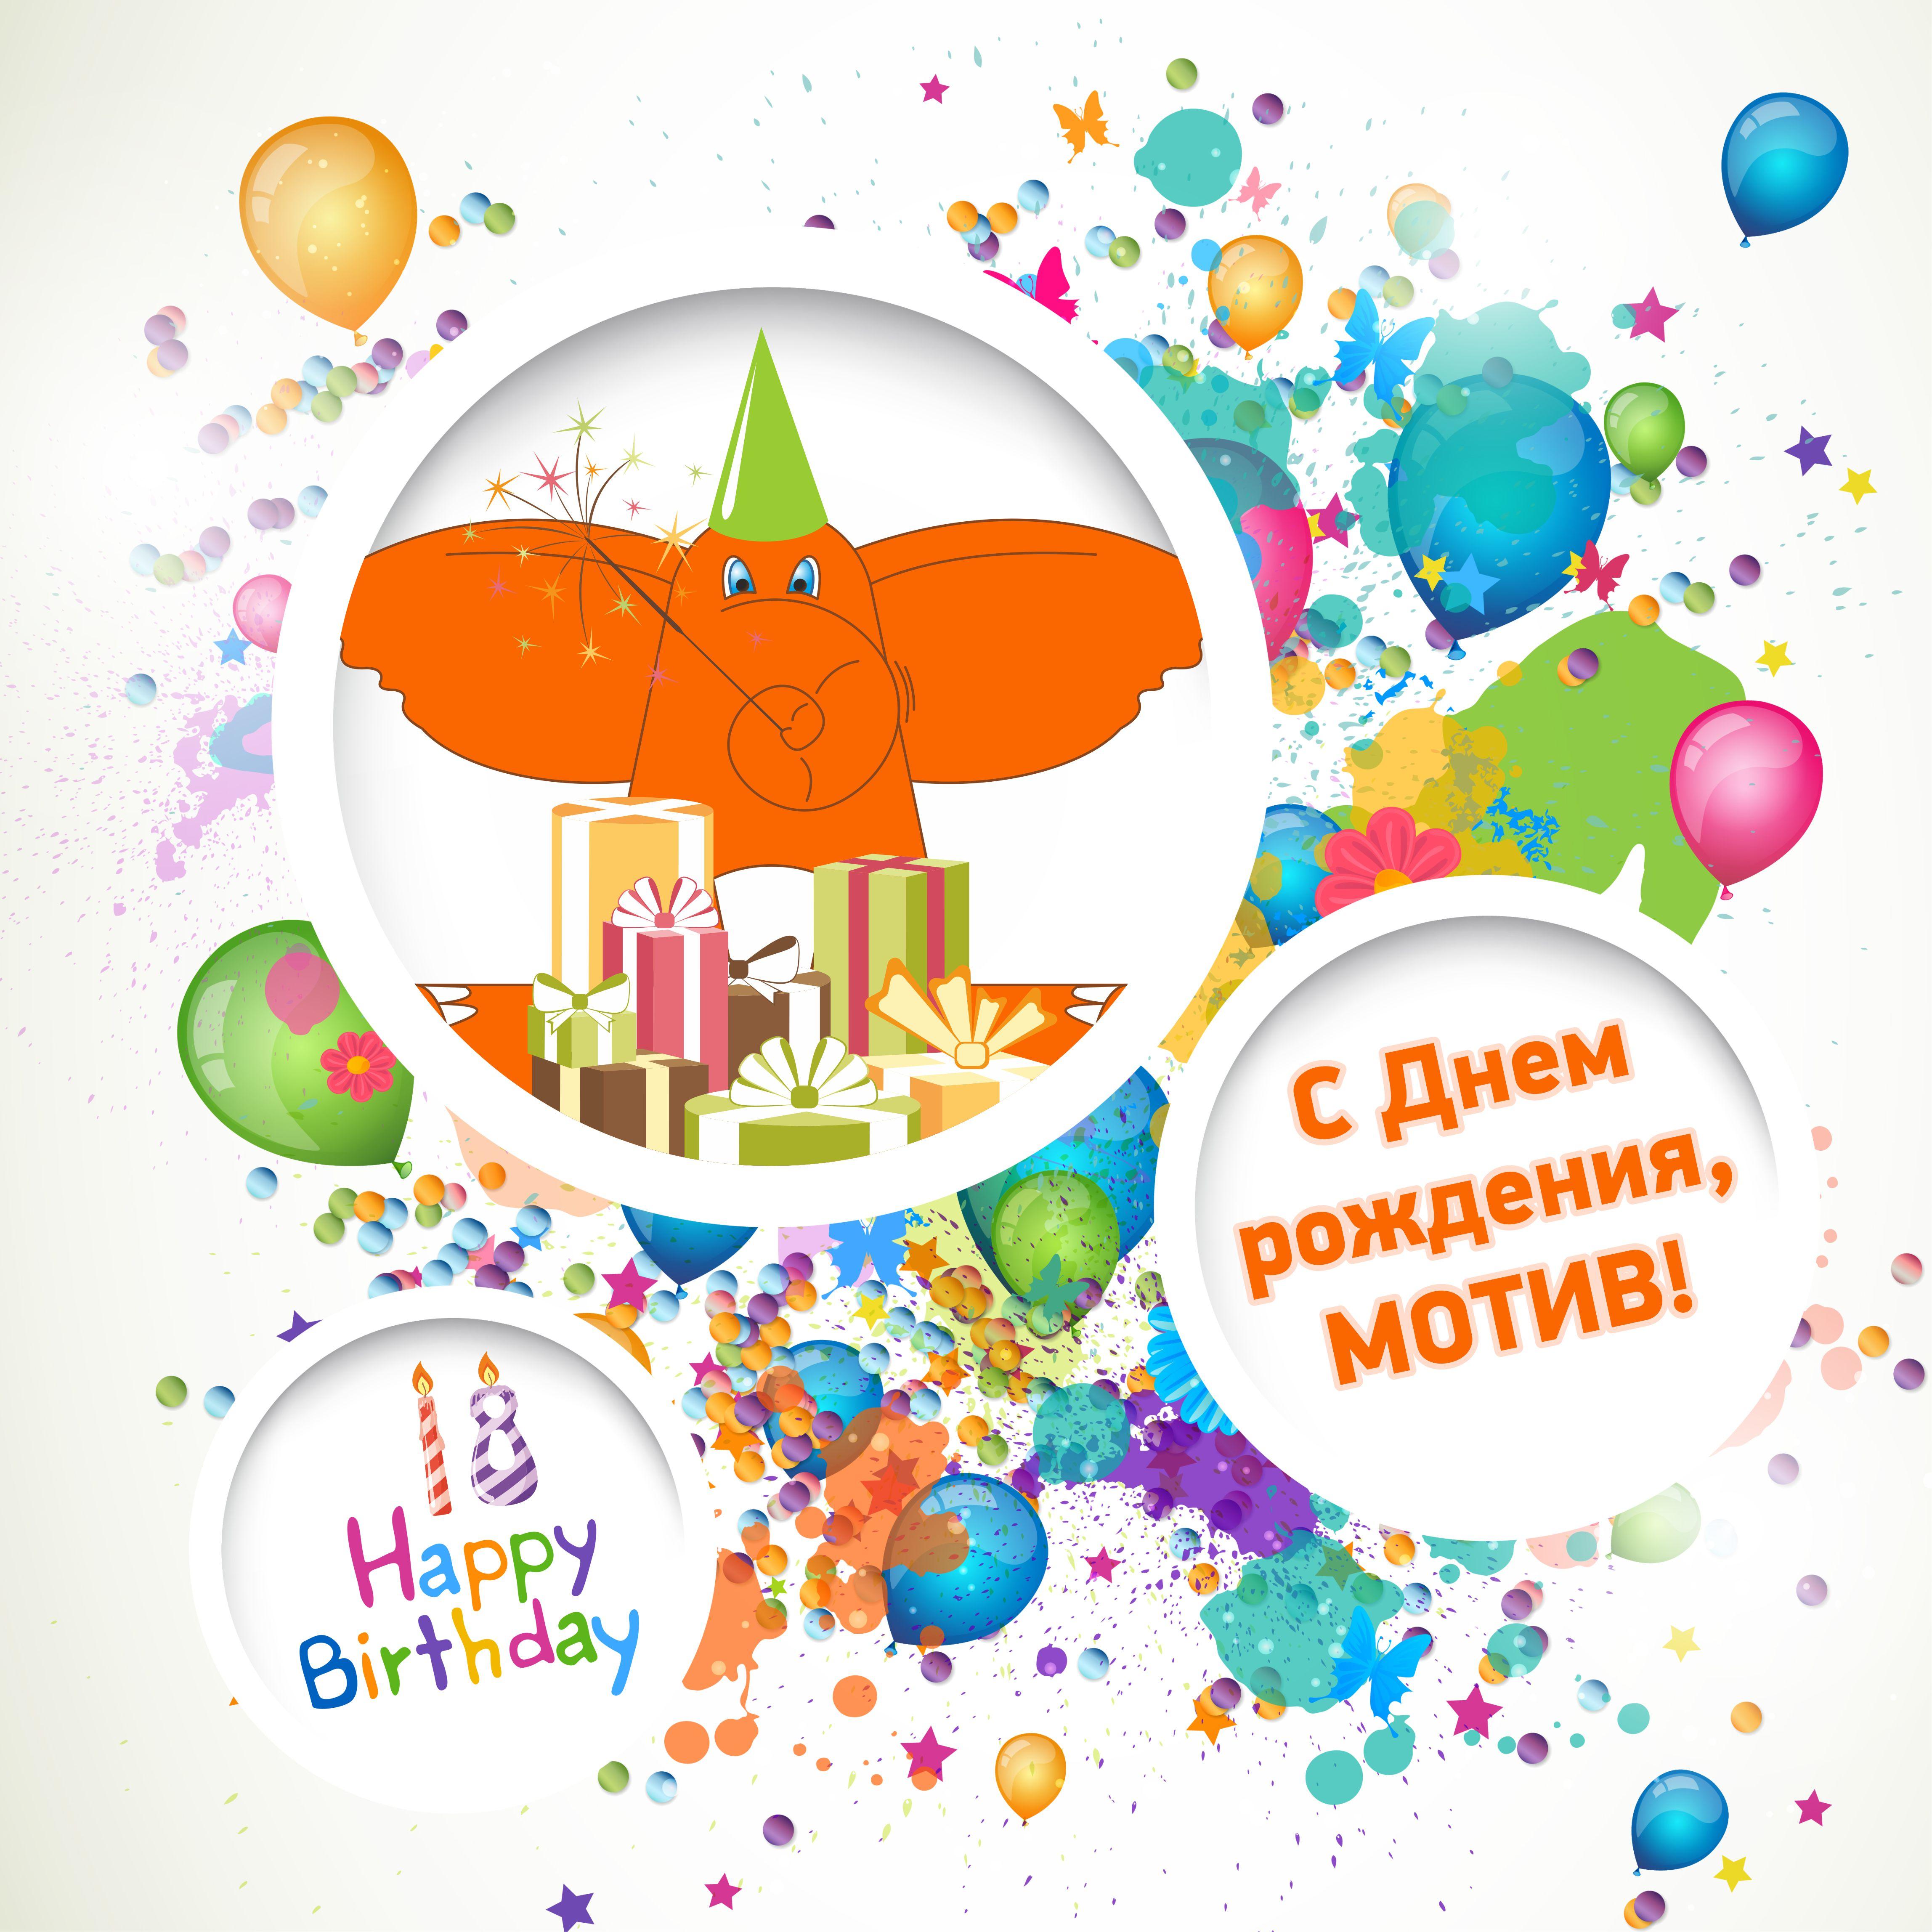 сети мотивирующие открытки на день рождения хорошего дня